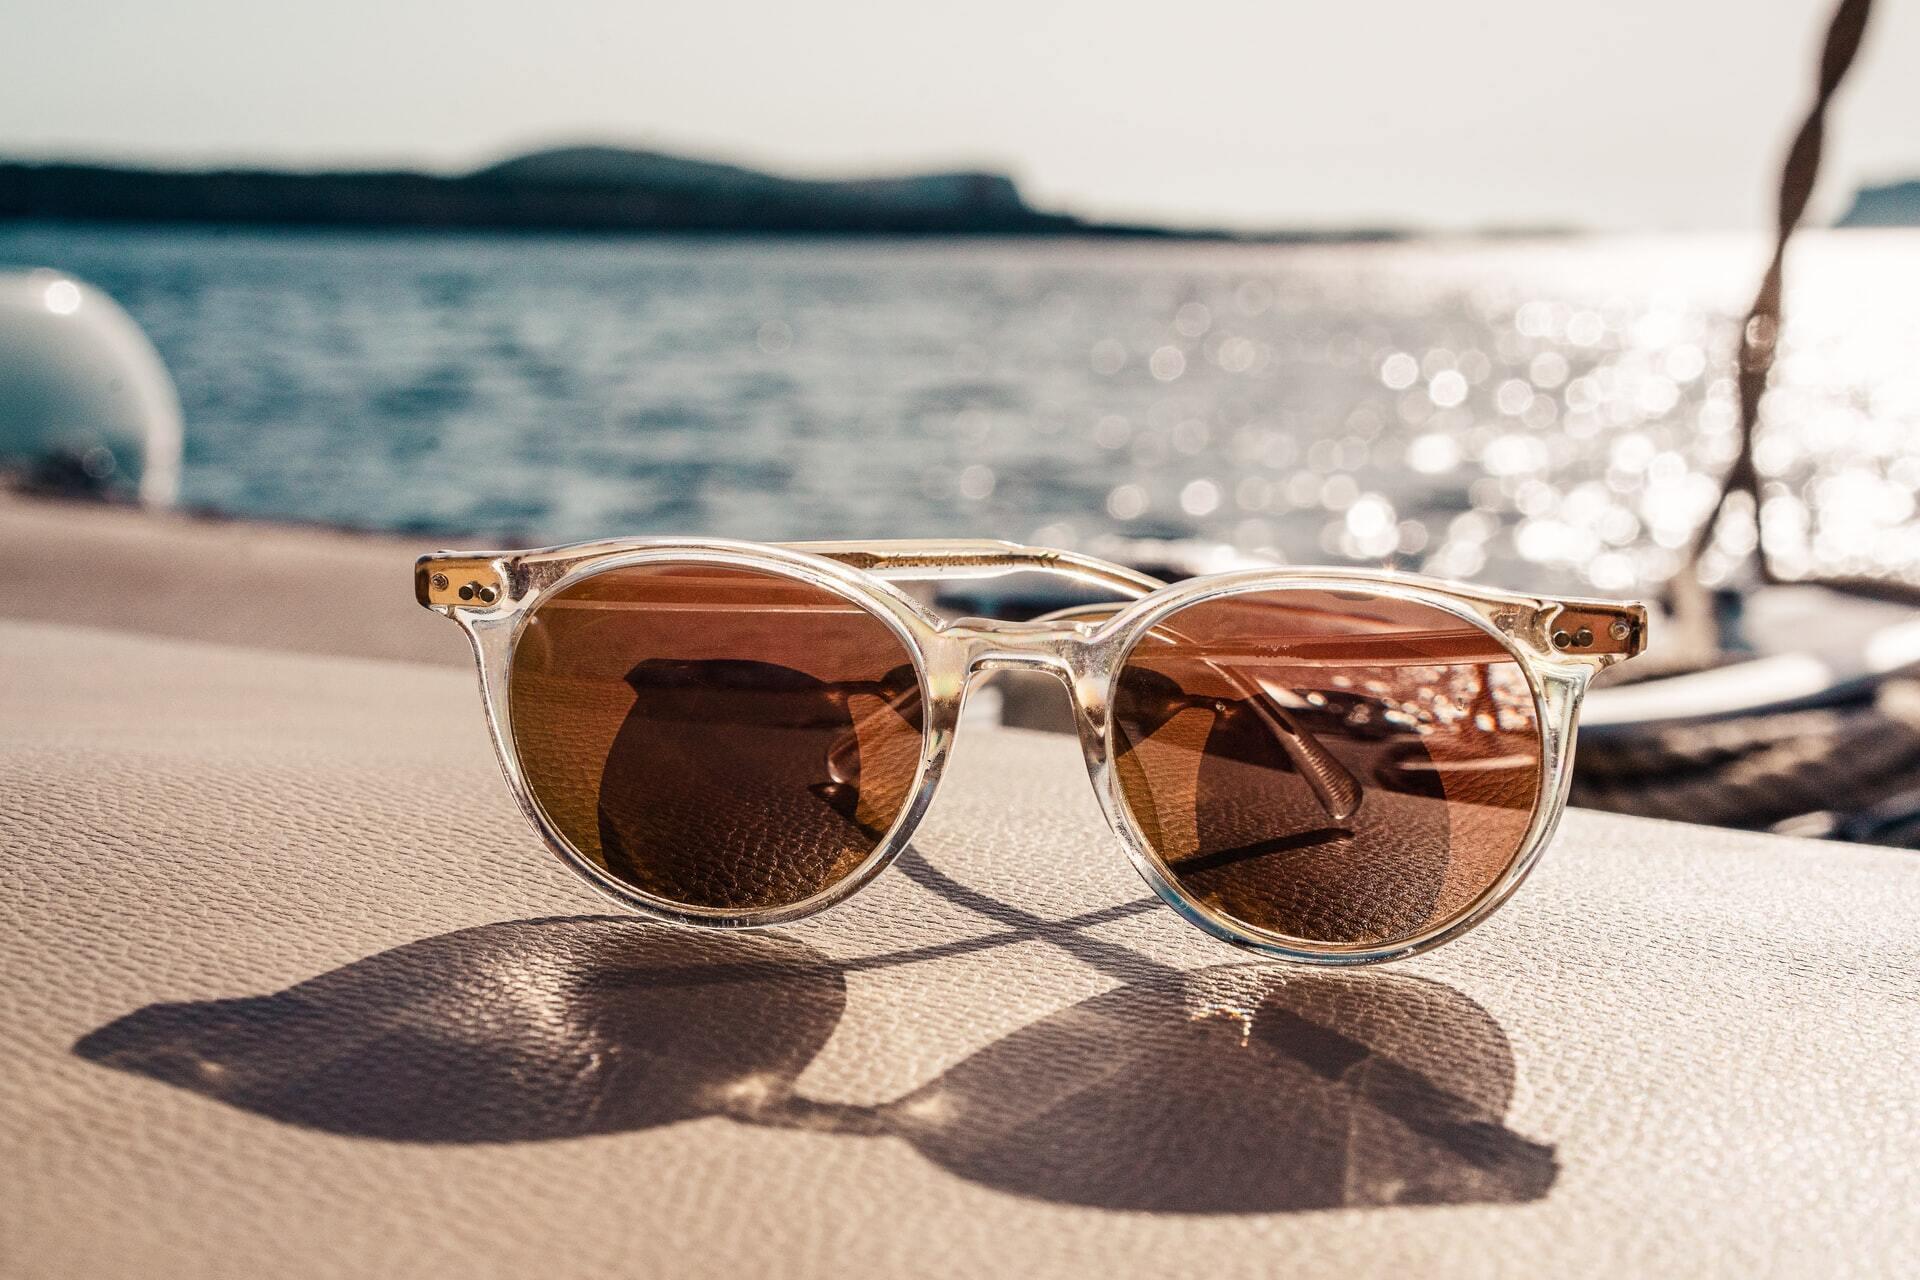 Солнечные очки являются полноценным средством защиты